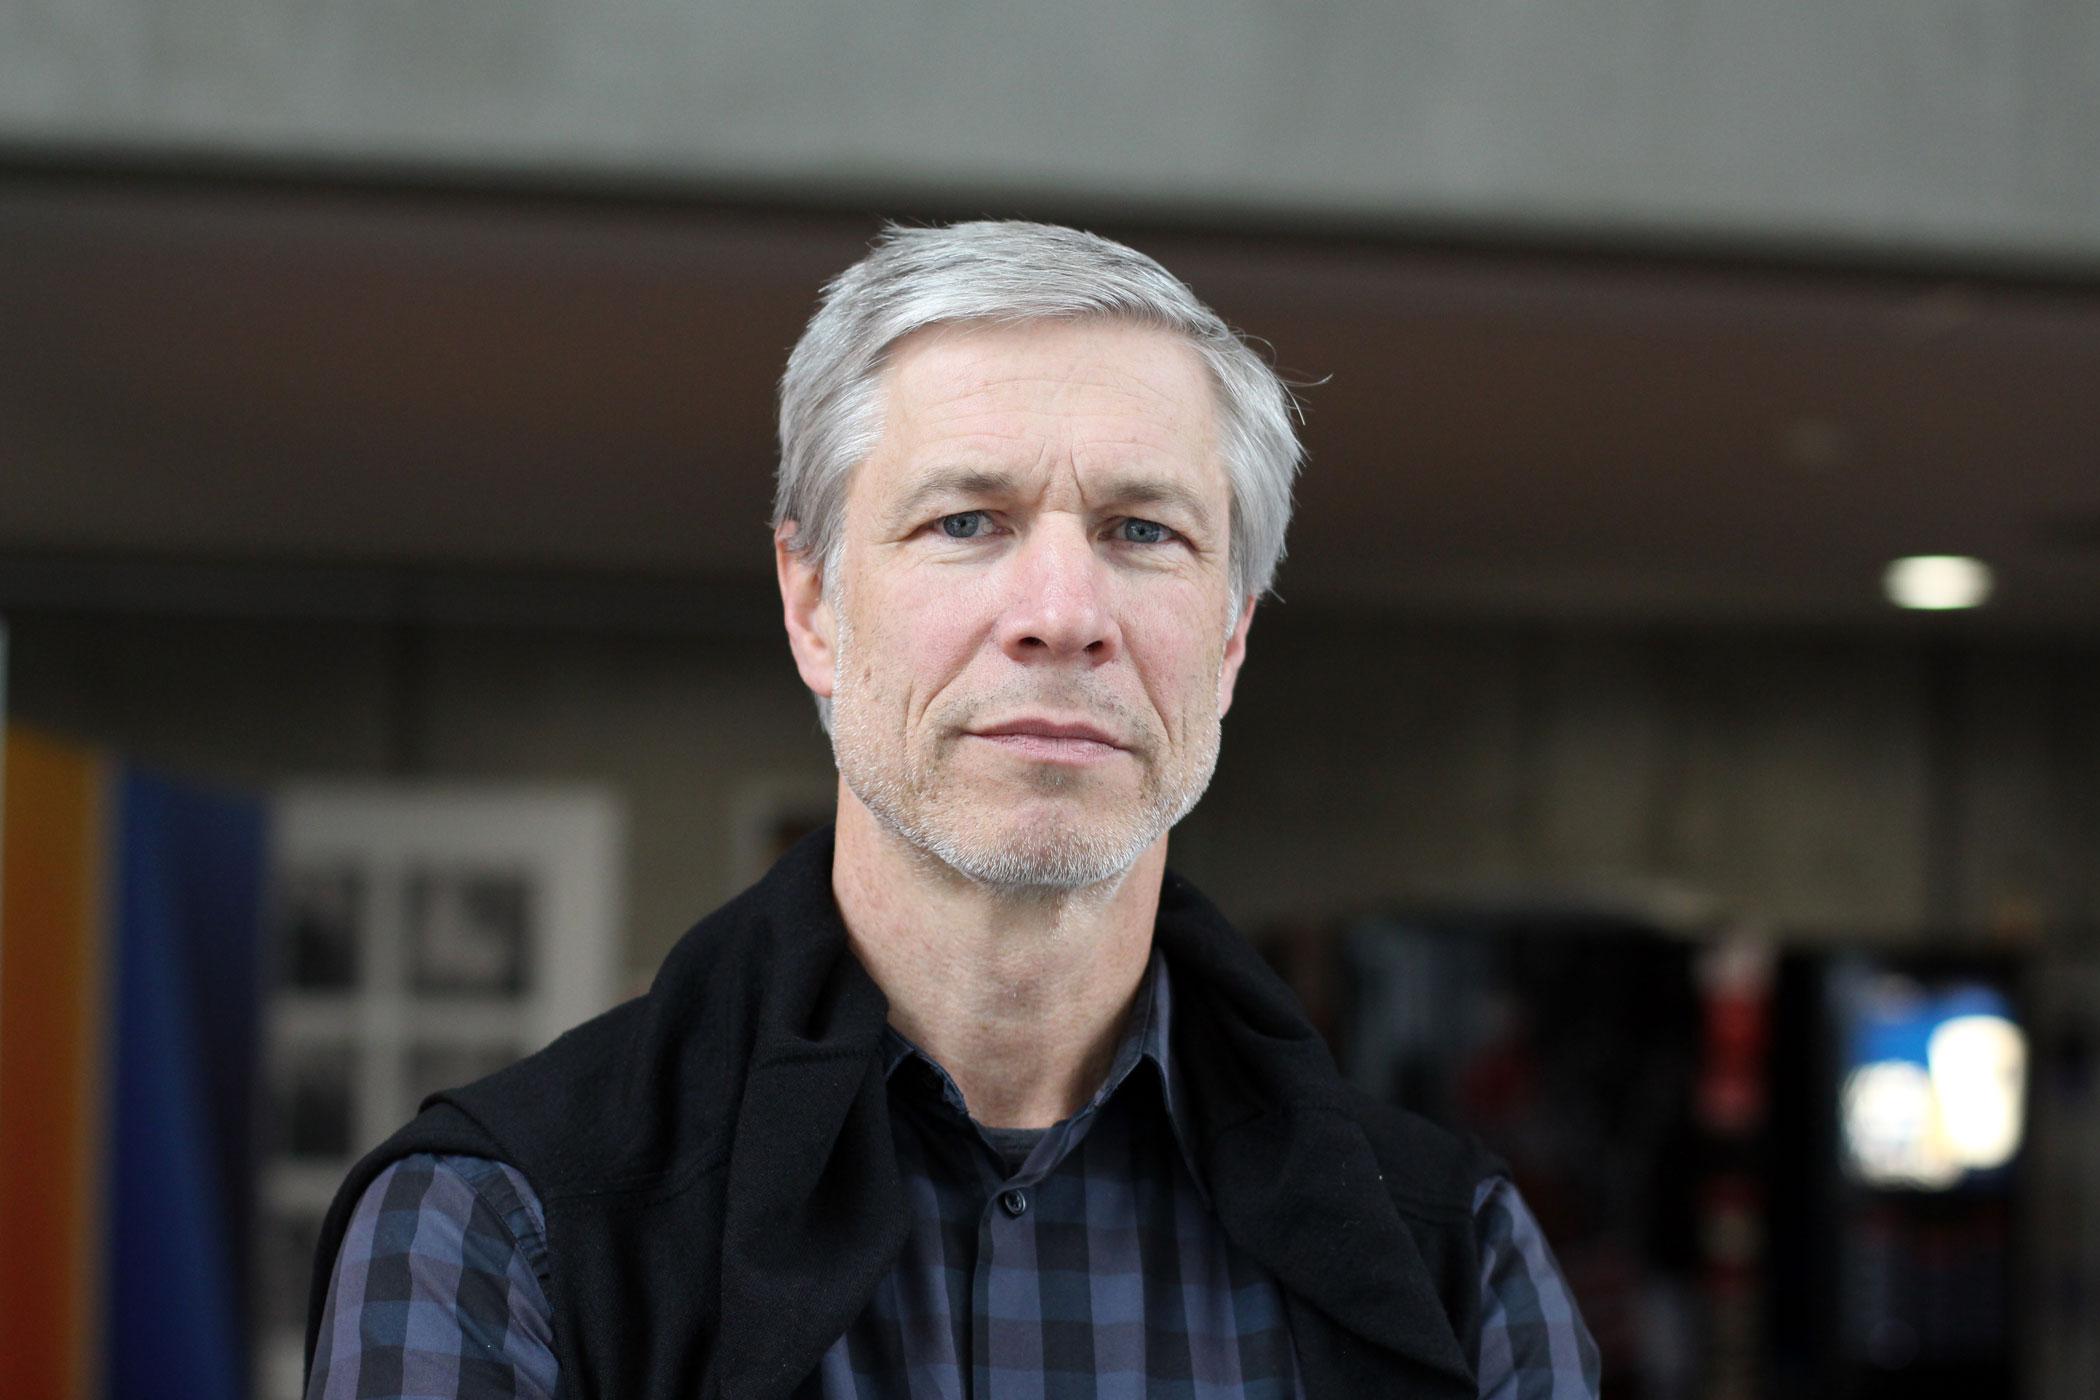 Šimon Caban, scénograf, choreograf, fotograf, režisér a obecně divadelní a filmový tvůrce